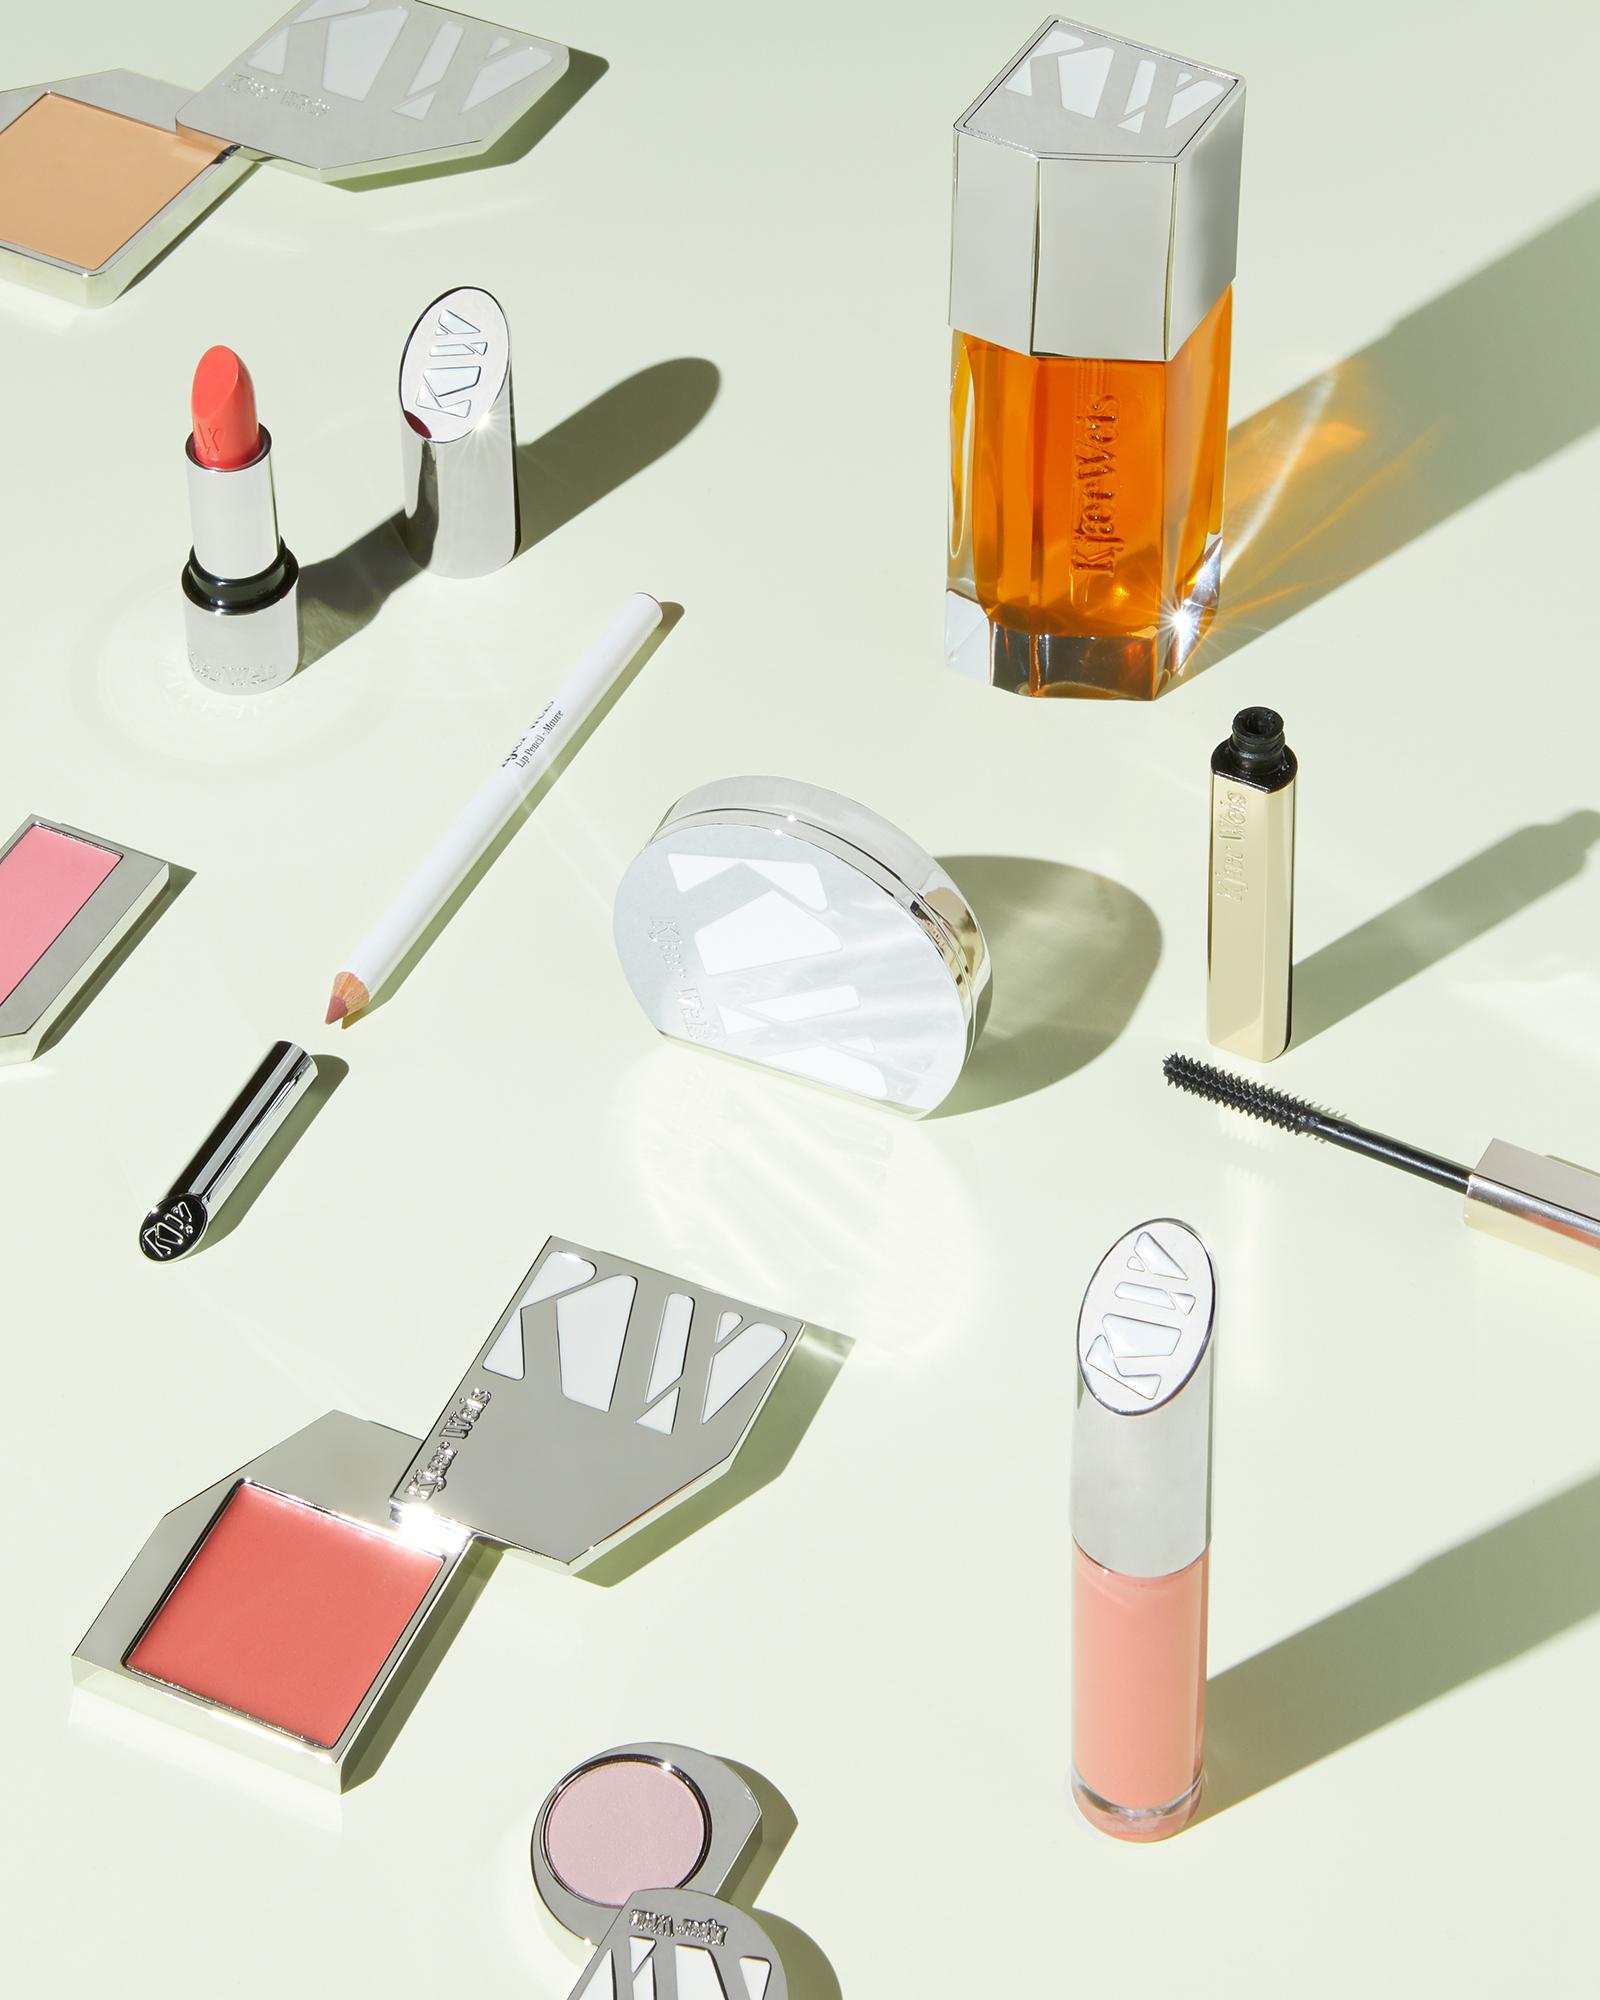 Kjaer Weis Organic Makeup bij FRESH FACE Antwerpen